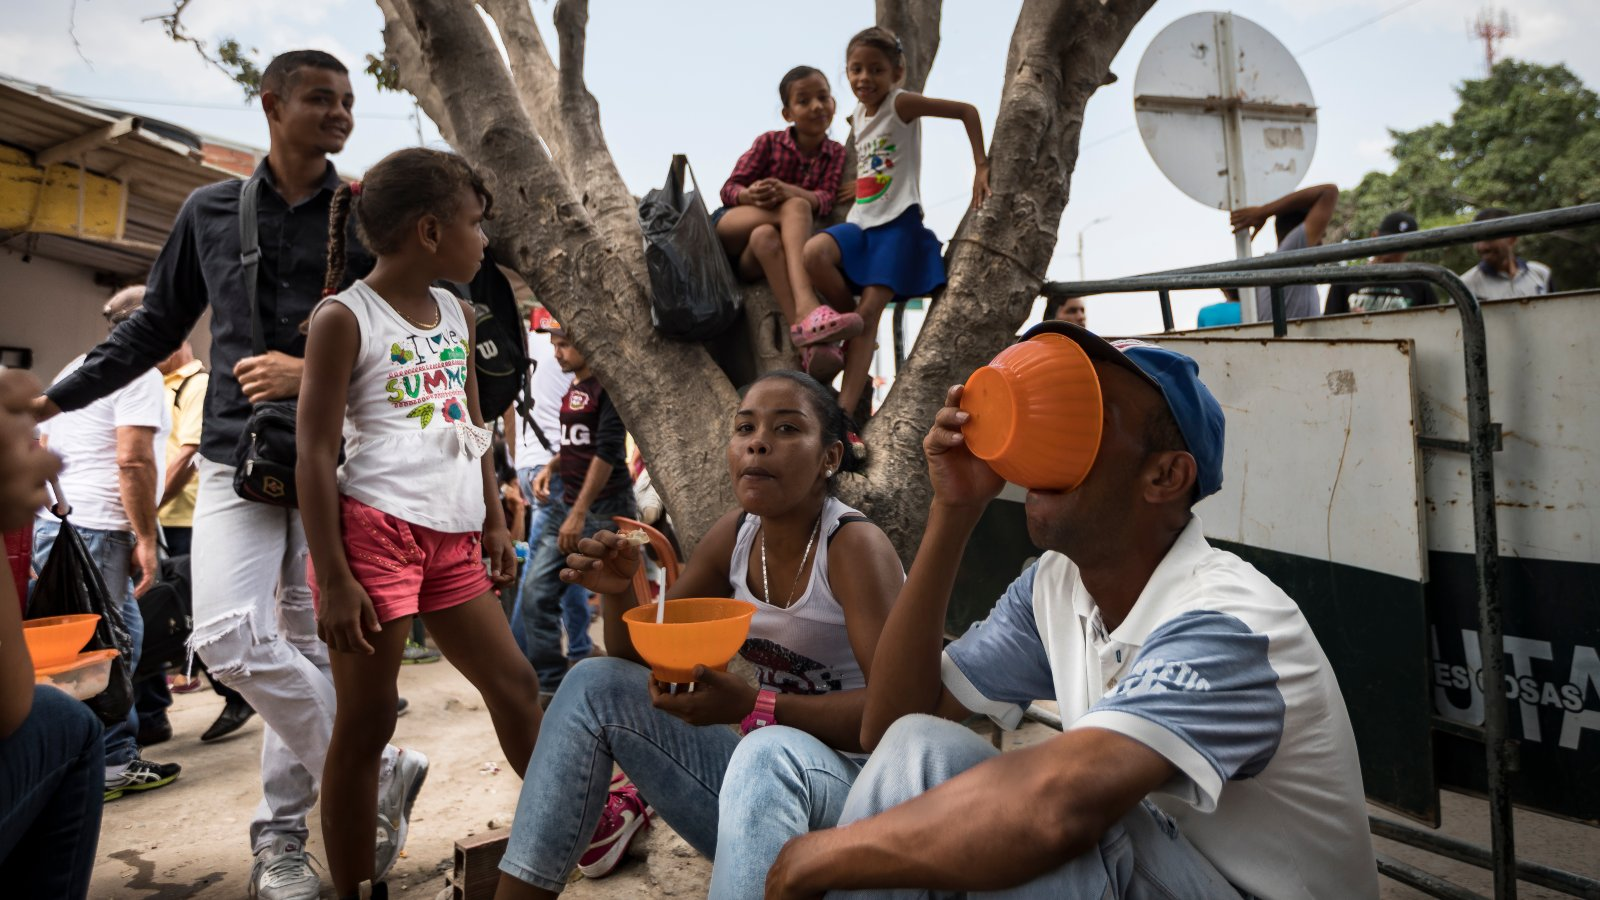 La odisea de los venezolanos para conseguir alimentos y medicinas en Colombia